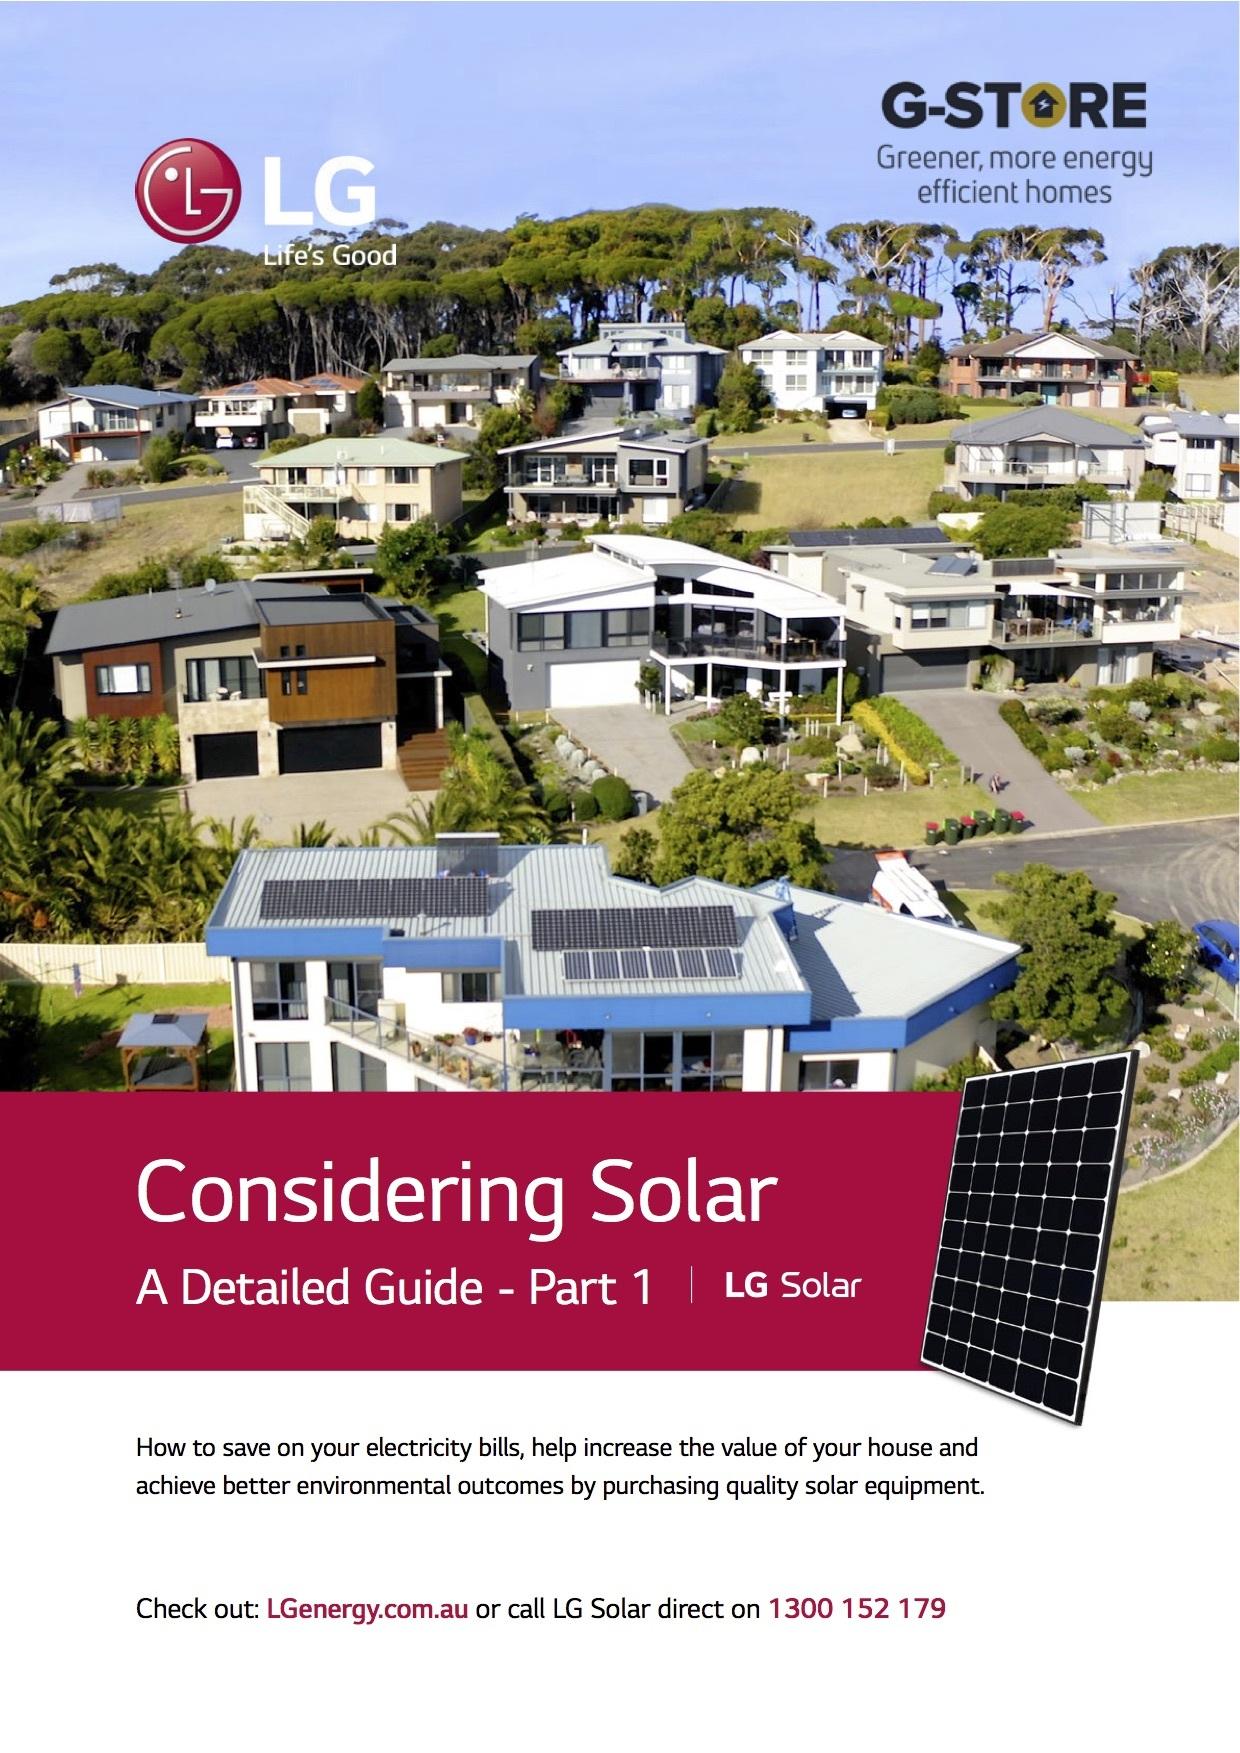 LG Considering Solar Part 1